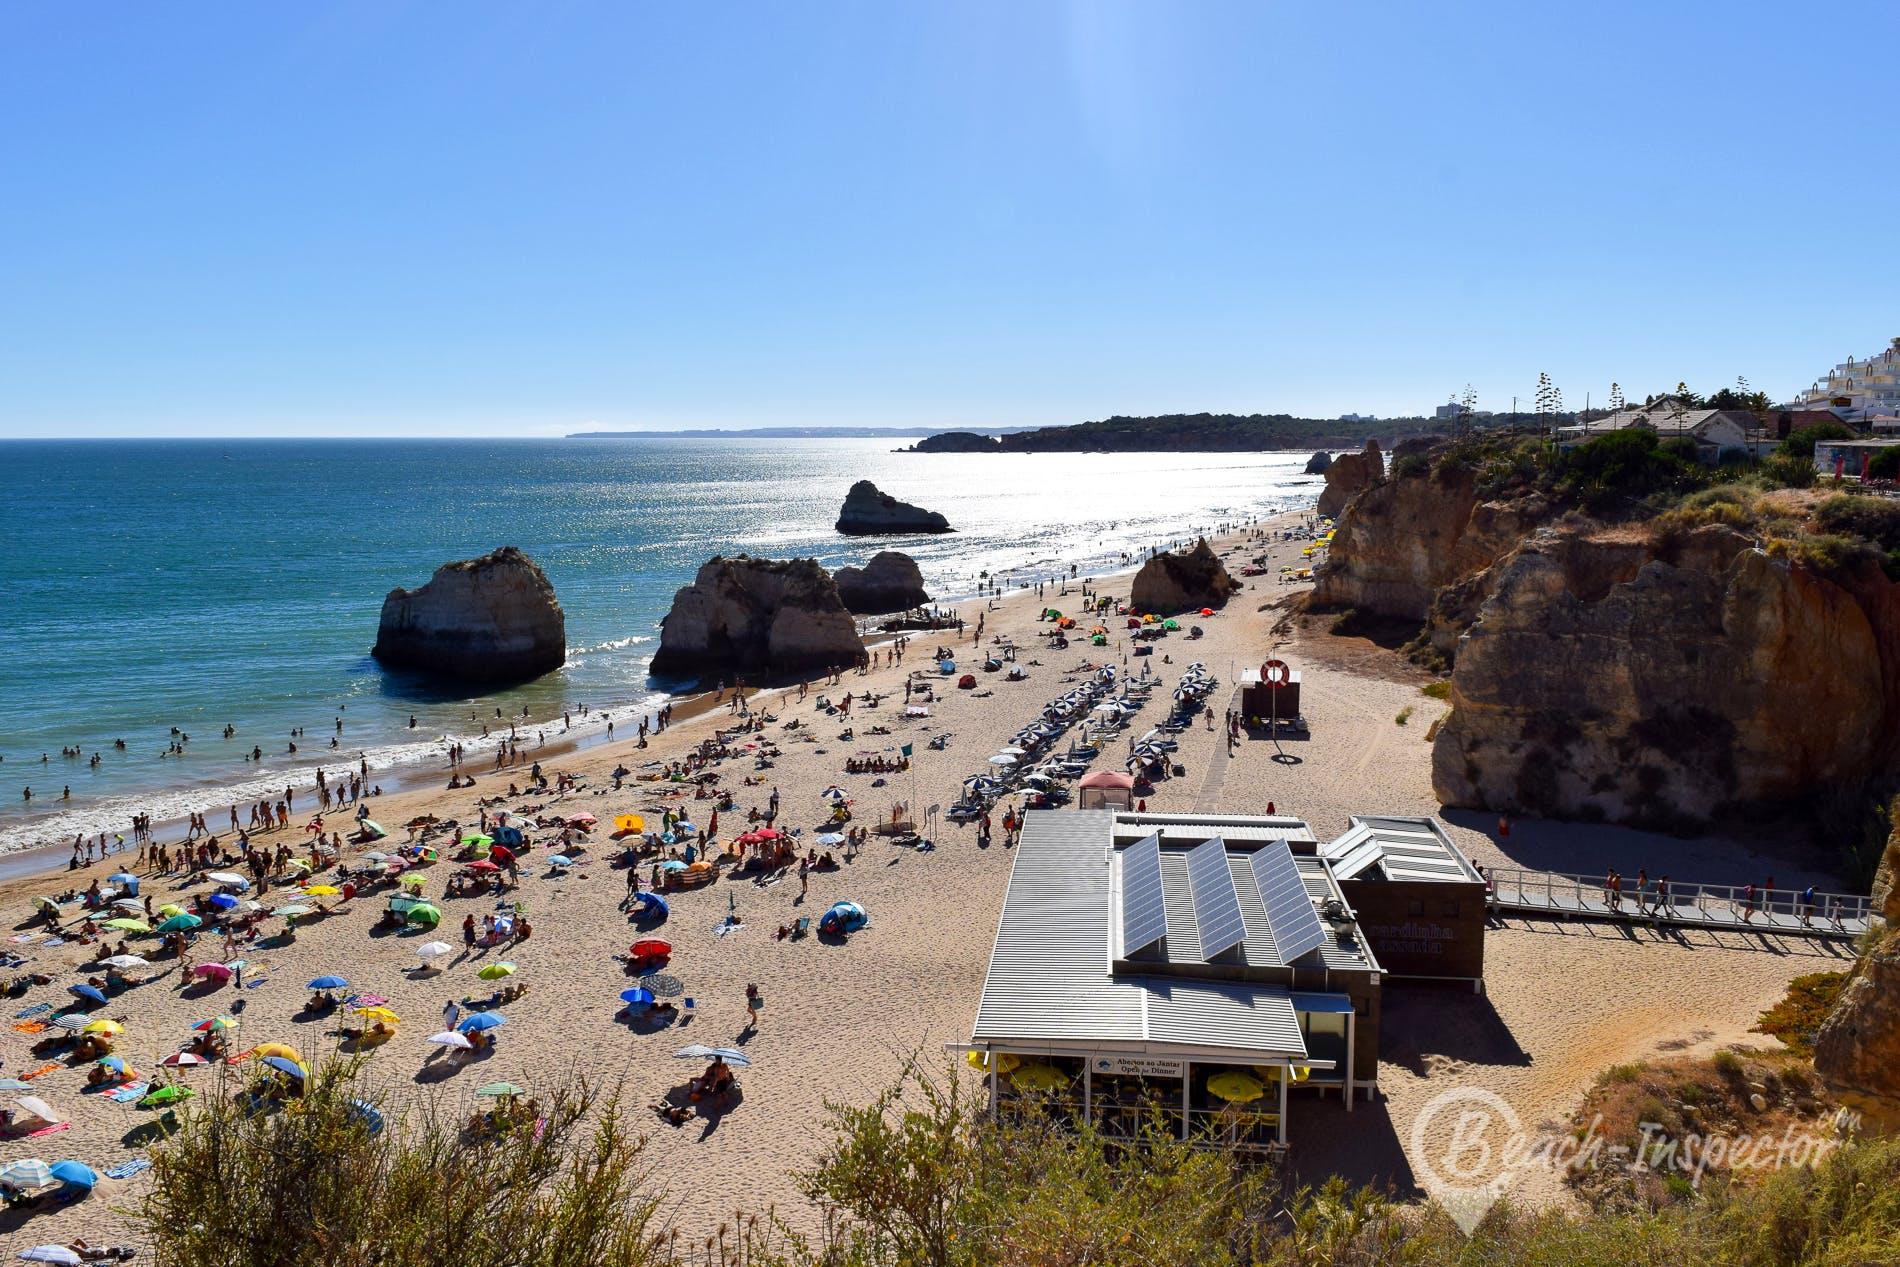 Beach Praia dos três Castelos, Algarve, Portugal